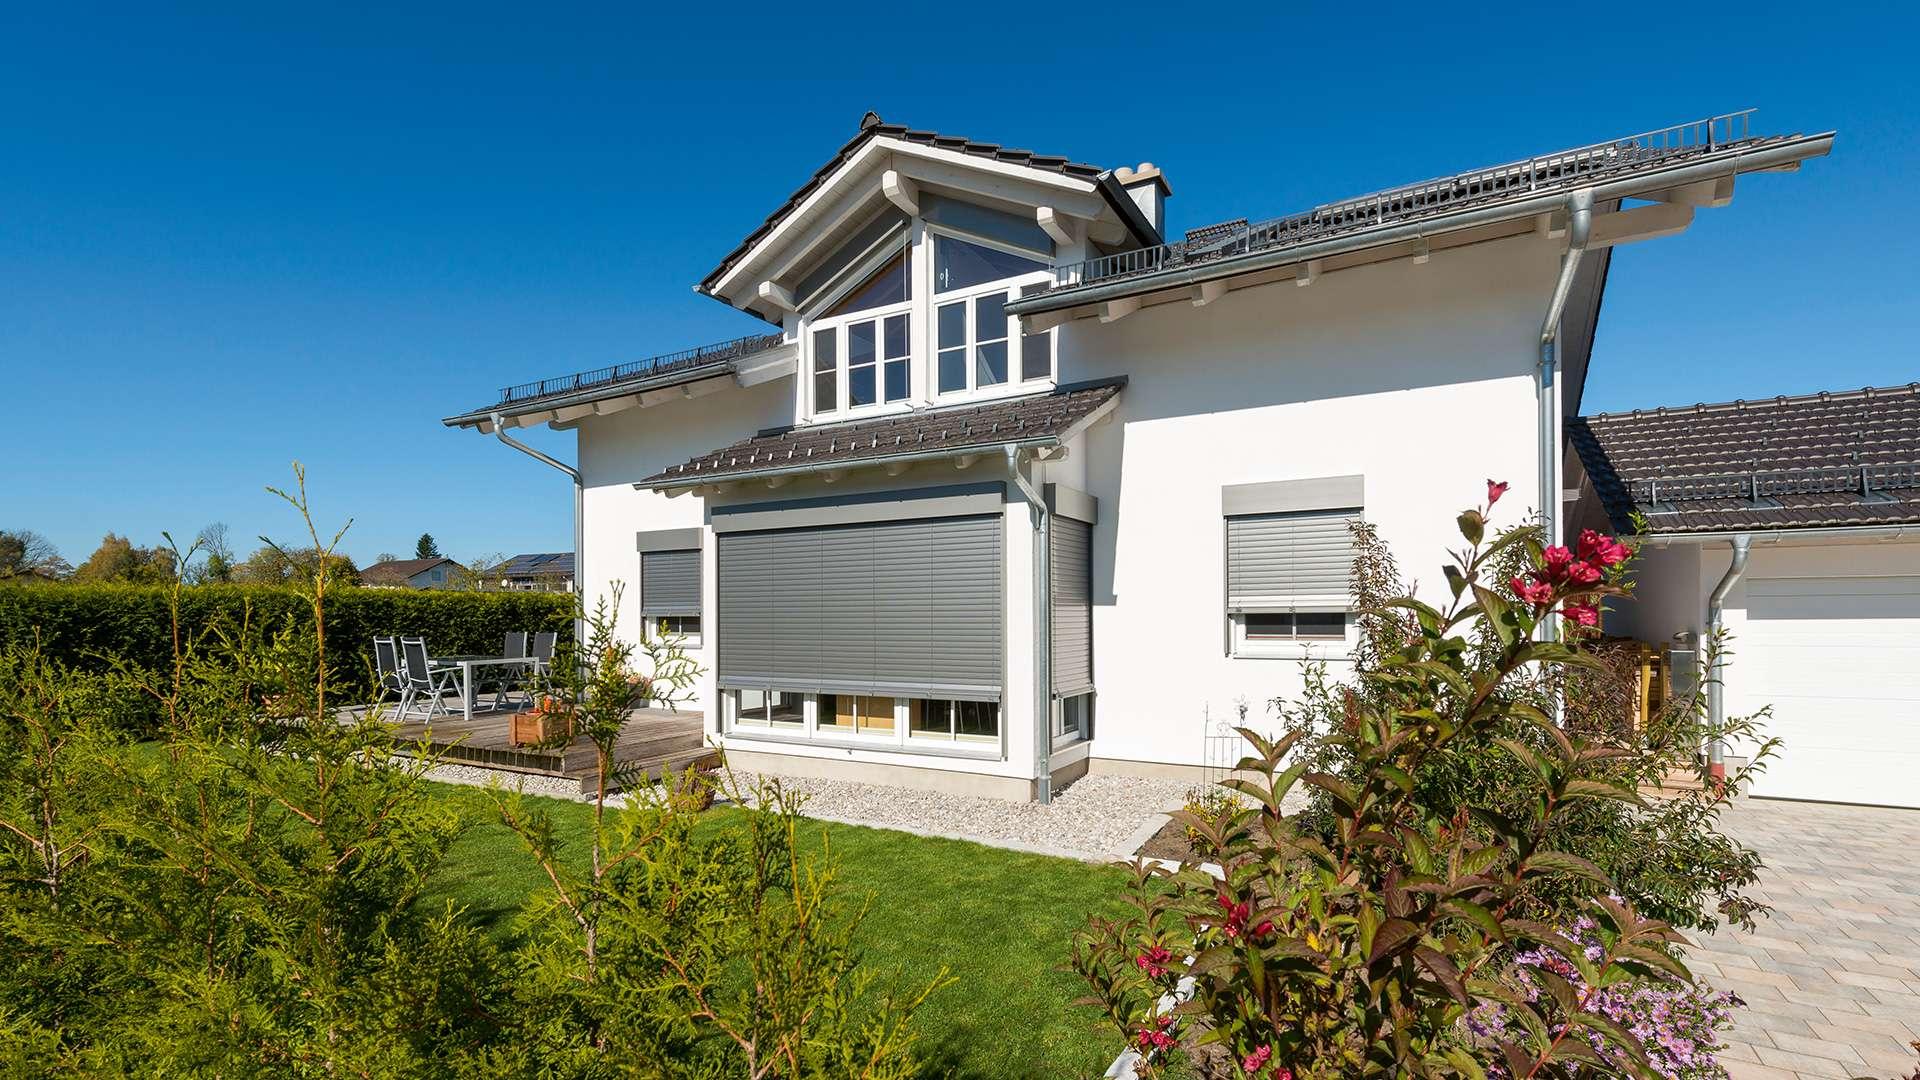 modernes Haus mit Sonnenschutz-Rollos vor den Fenstern